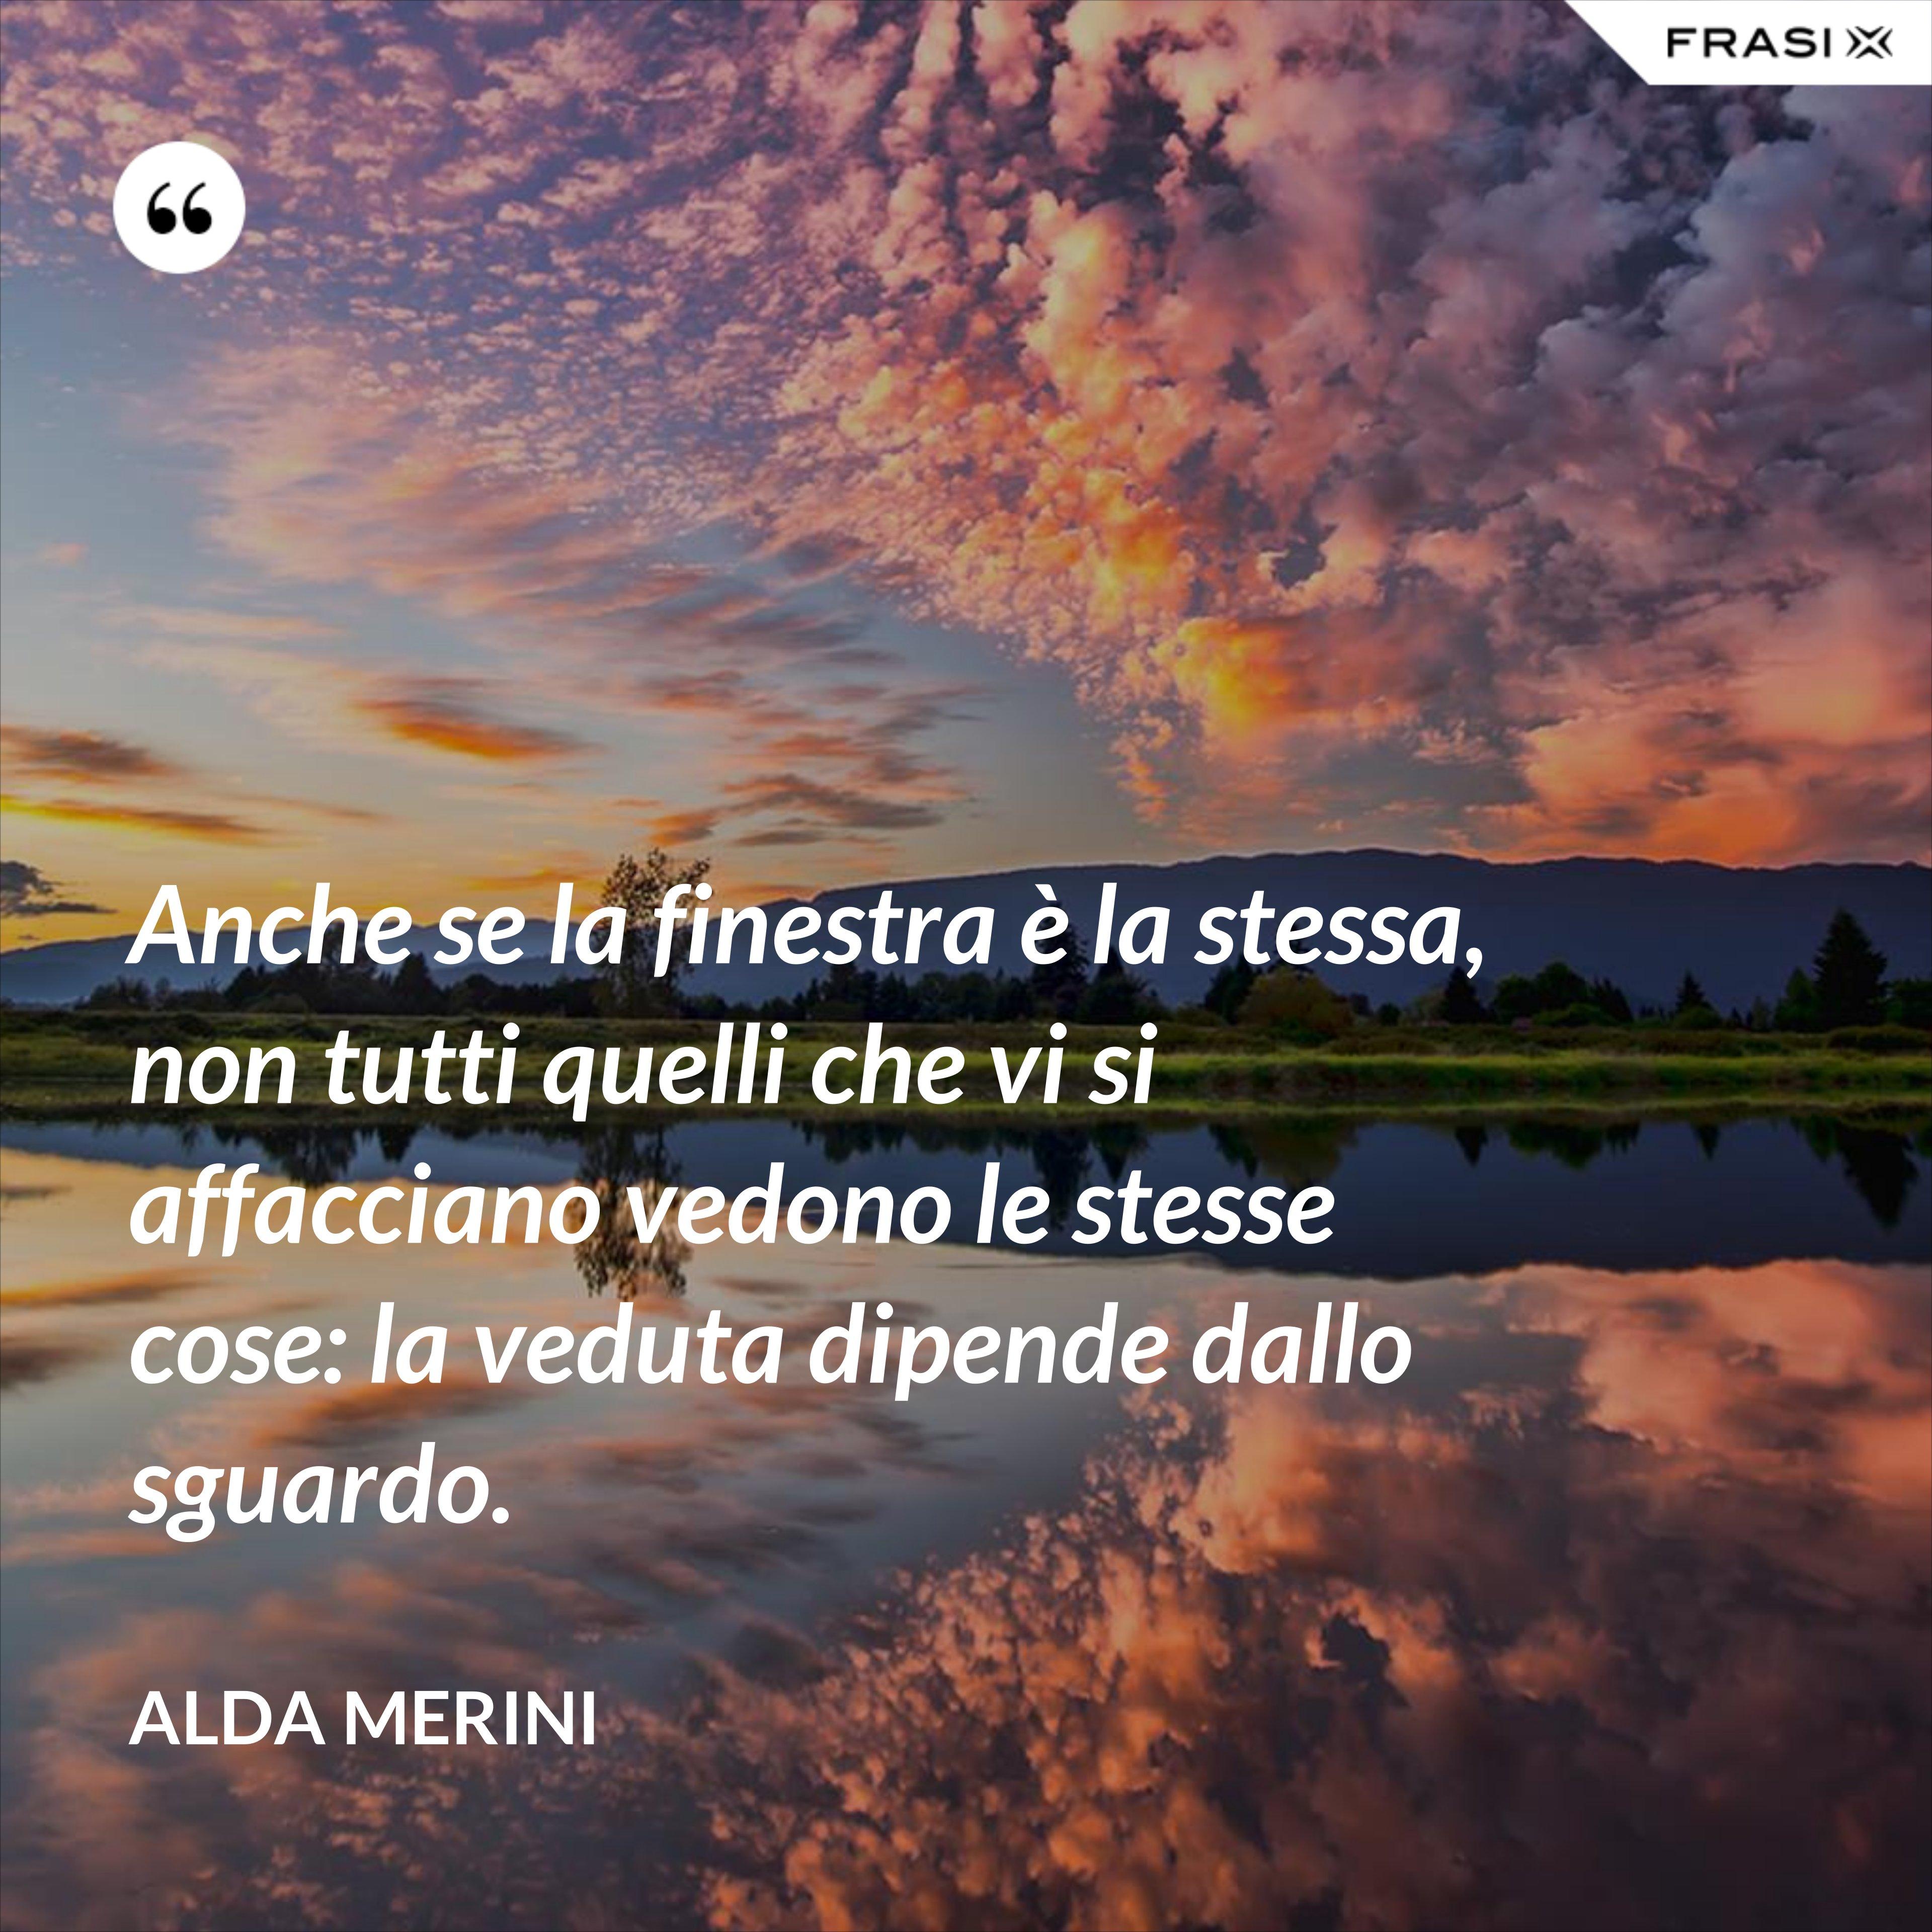 Anche se la finestra è la stessa, non tutti quelli che vi si affacciano vedono le stesse cose: la veduta dipende dallo sguardo. - Alda Merini